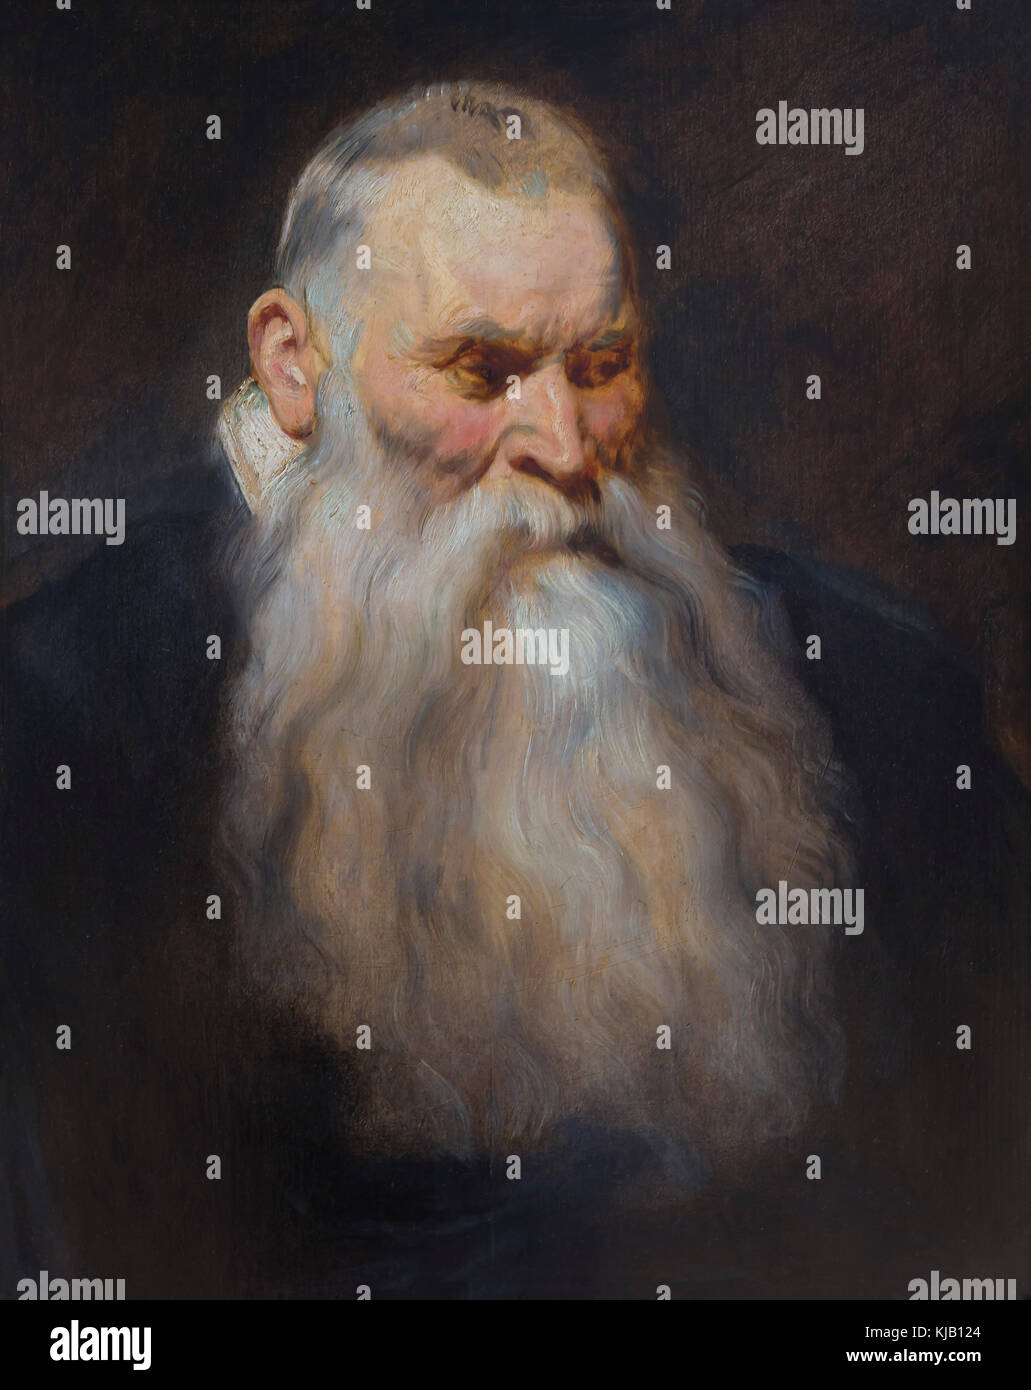 Tête d'étude d'un vieil homme avec une barbe blanche, Anthony Van Dyck, vers 1617-1620, Metropolitan Photo Stock